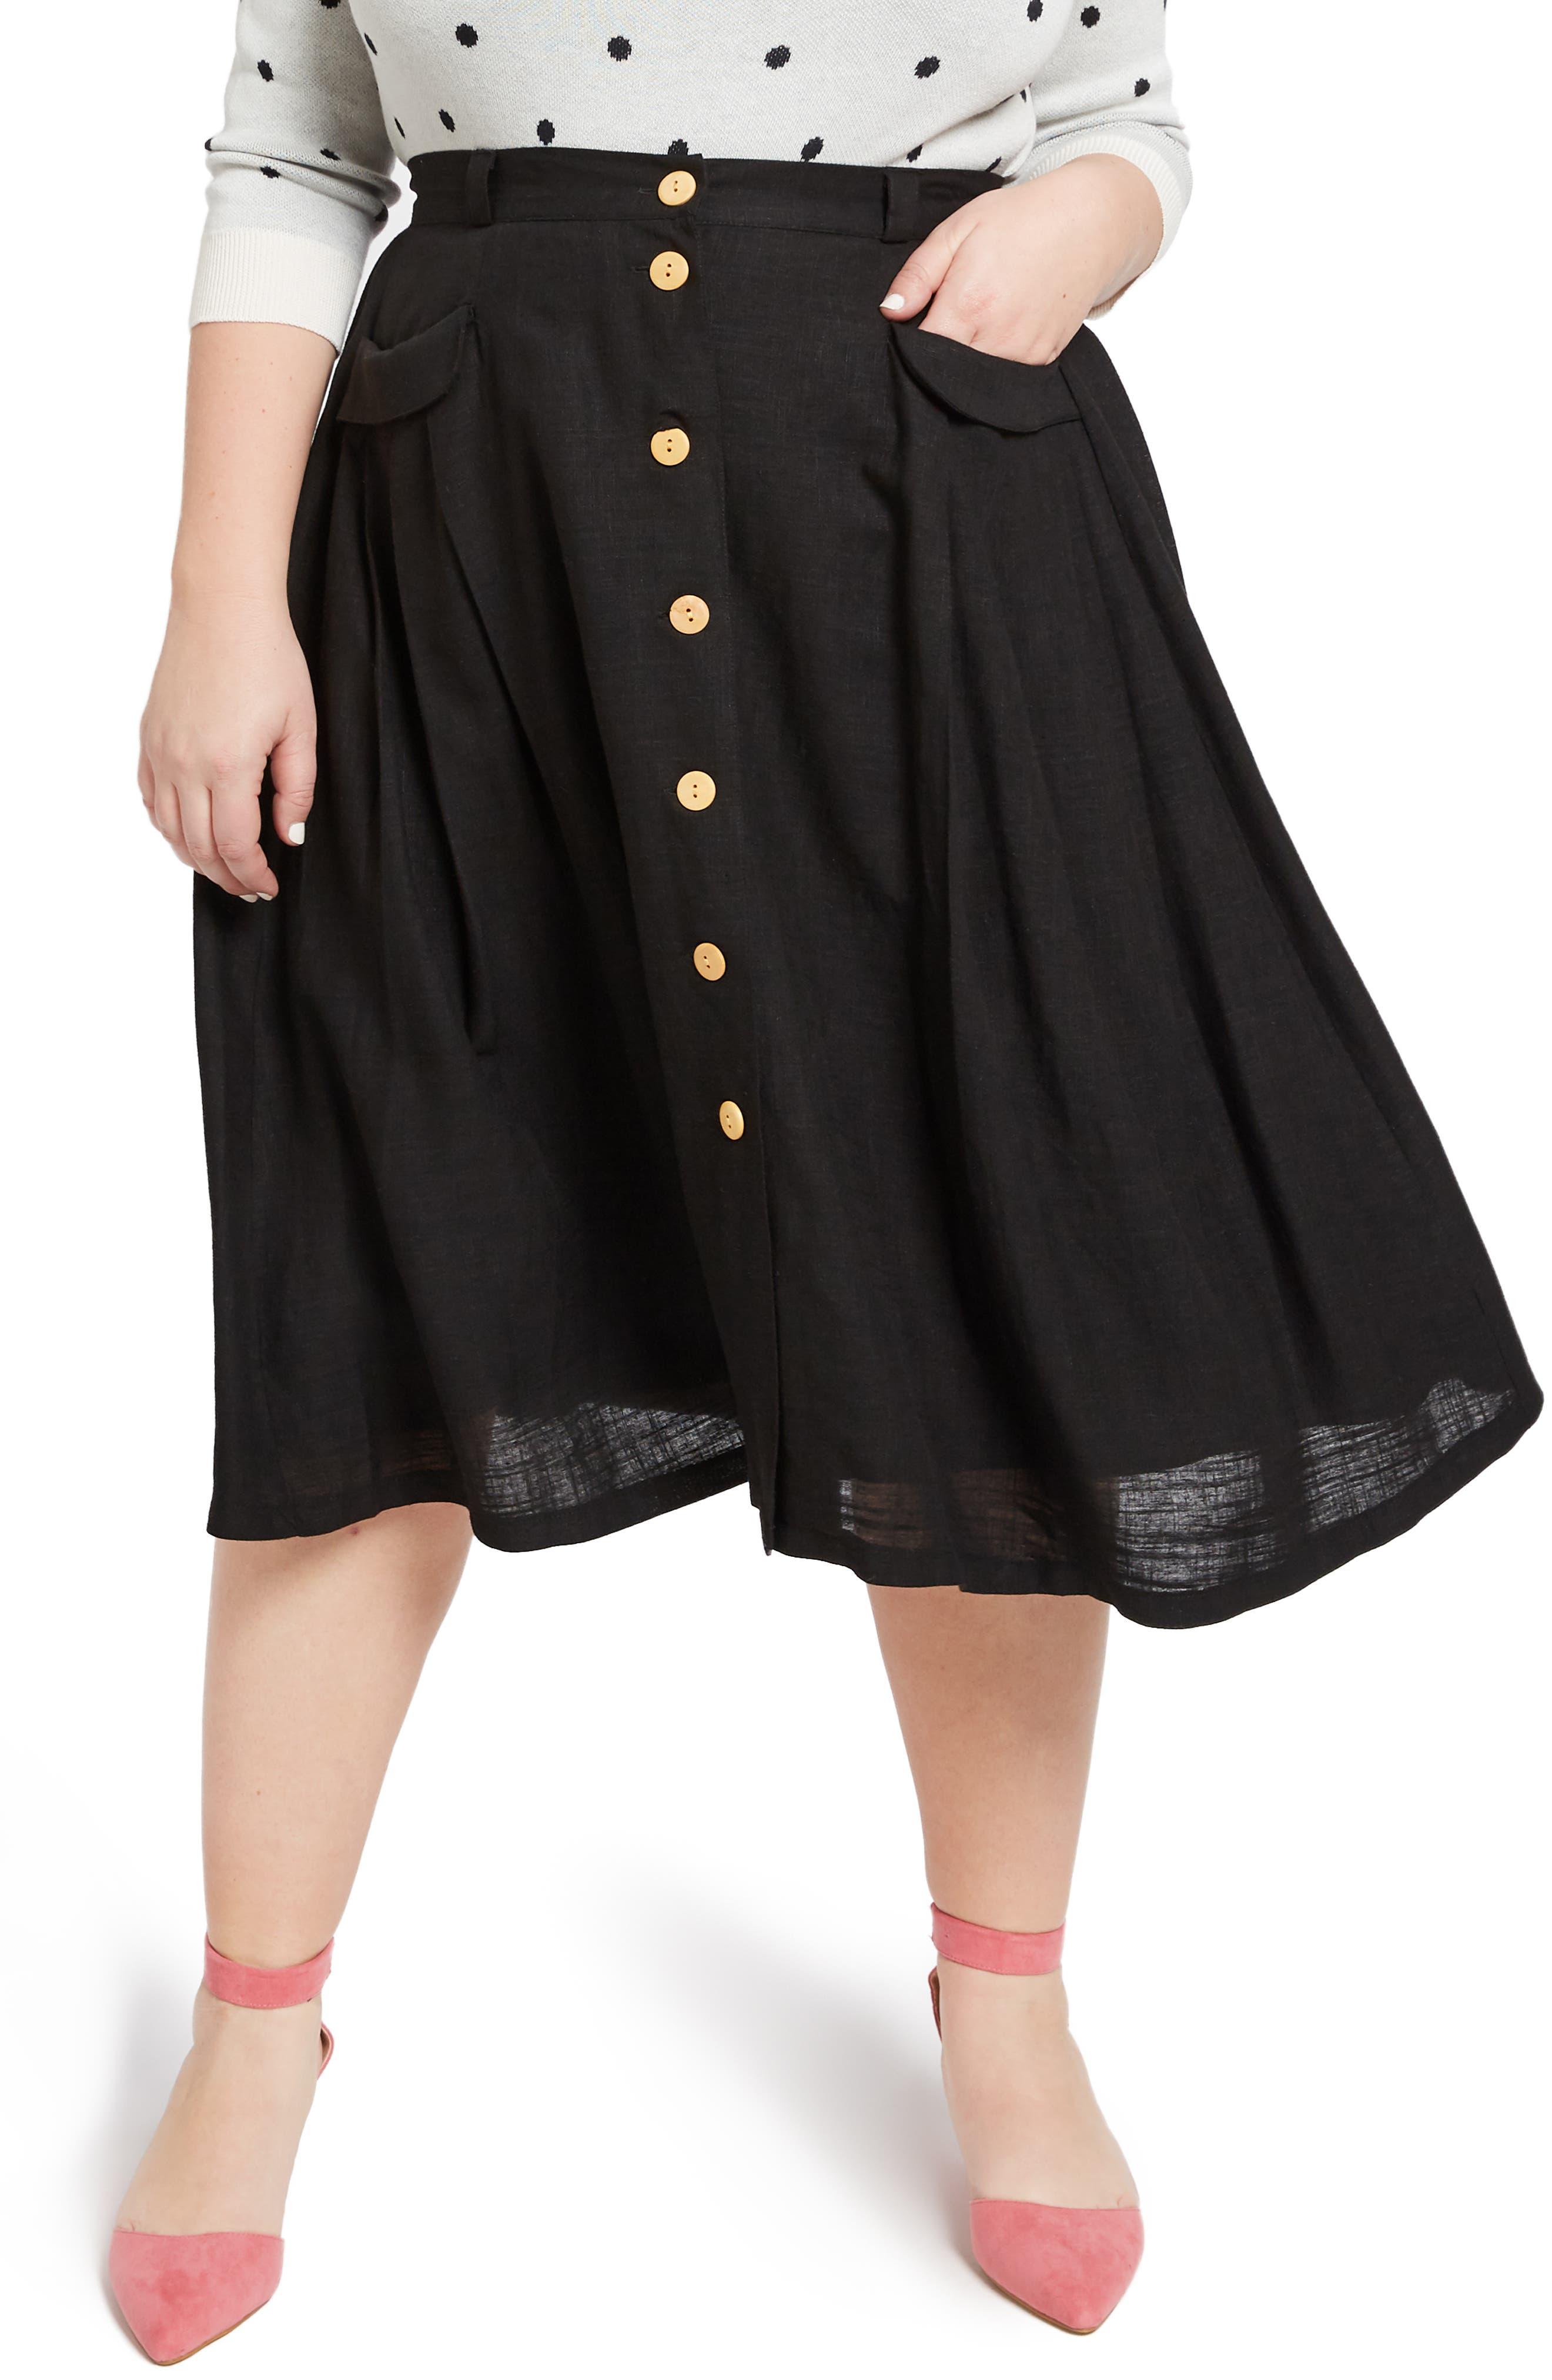 MODCLOTH,                             Pleat Midi Skirt,                             Alternate thumbnail 2, color,                             BLACK